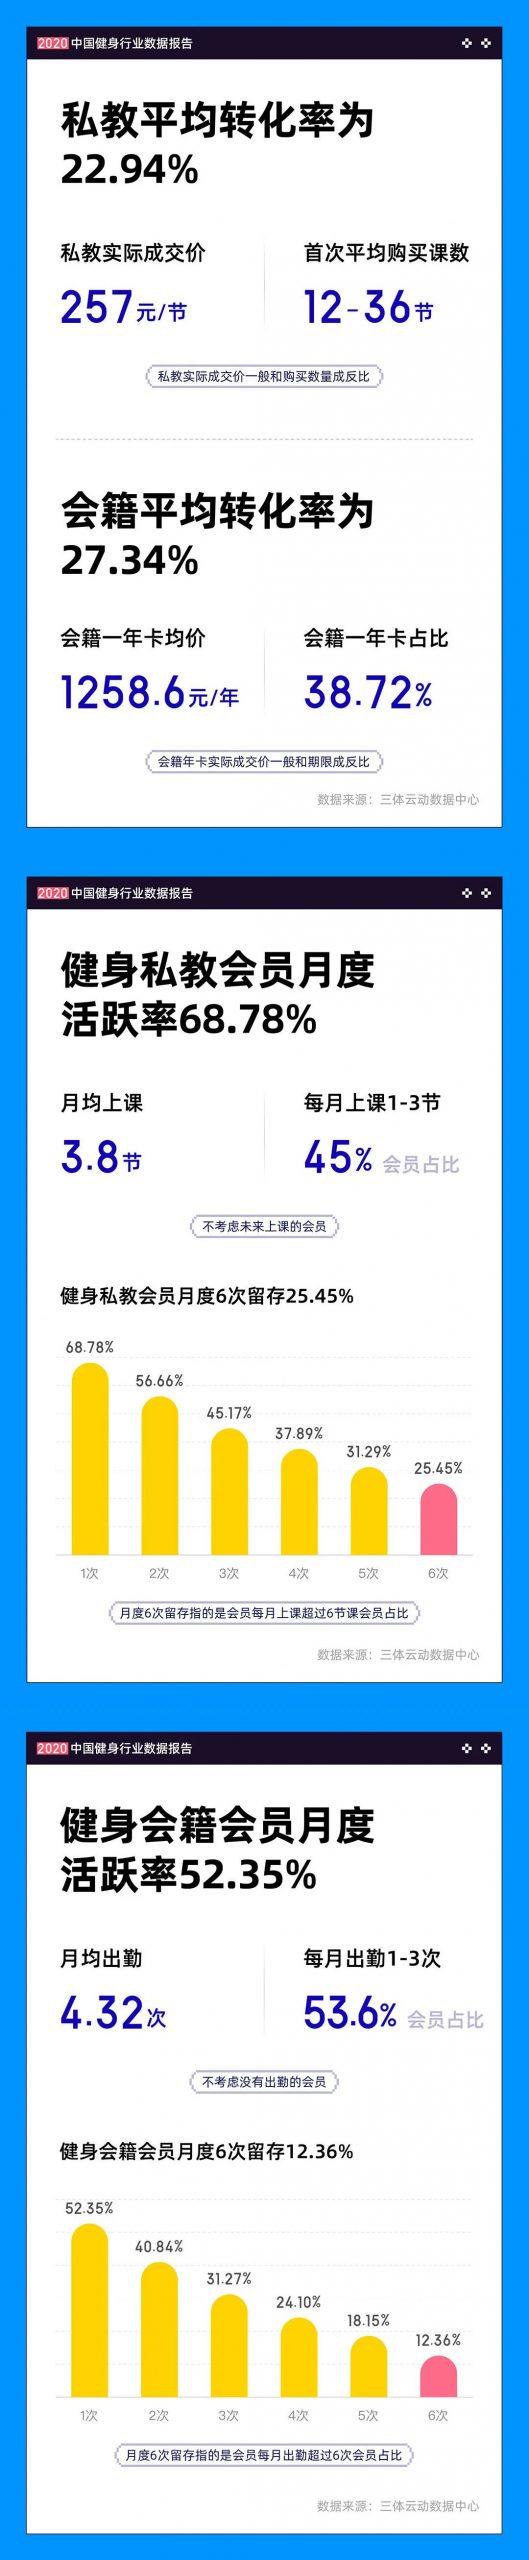 一图读懂《2020中国健身行业数据报告》